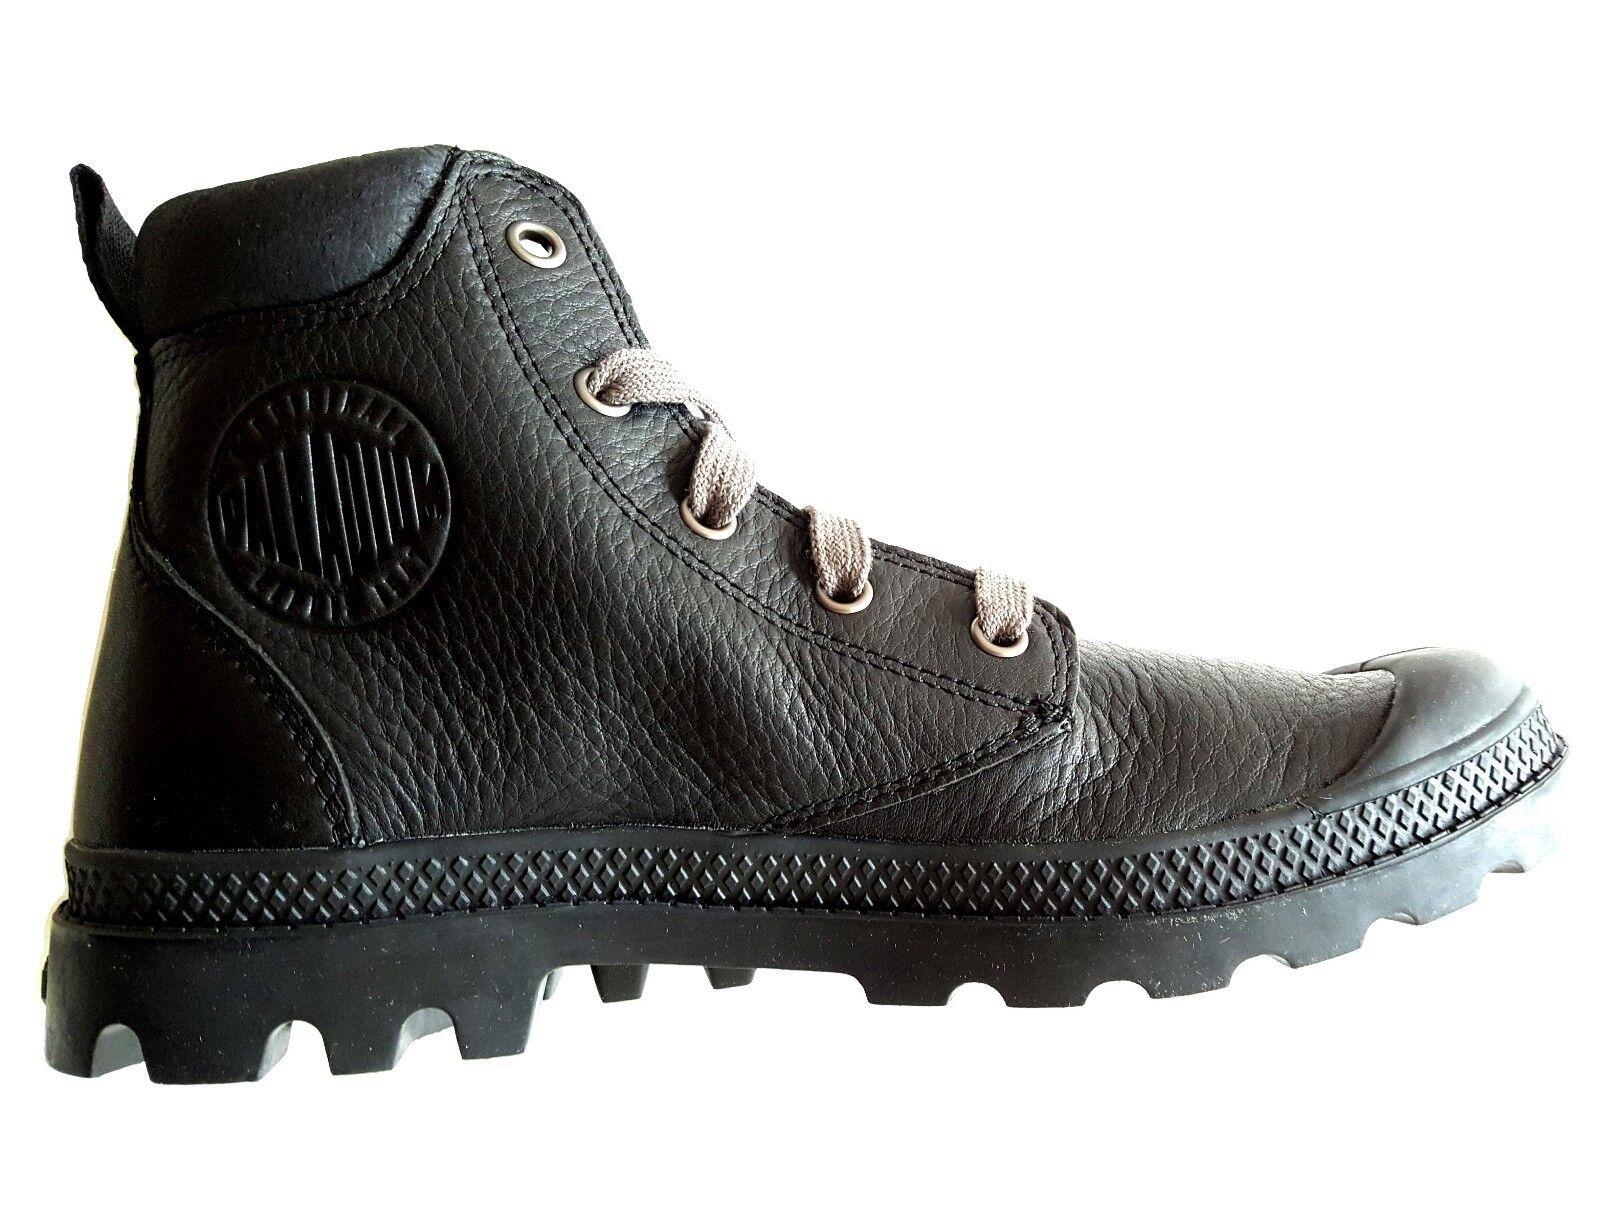 Palladium femmes bottes nulle part chaussures chaussures en Cuir bottes En Cuir bottes noir 37